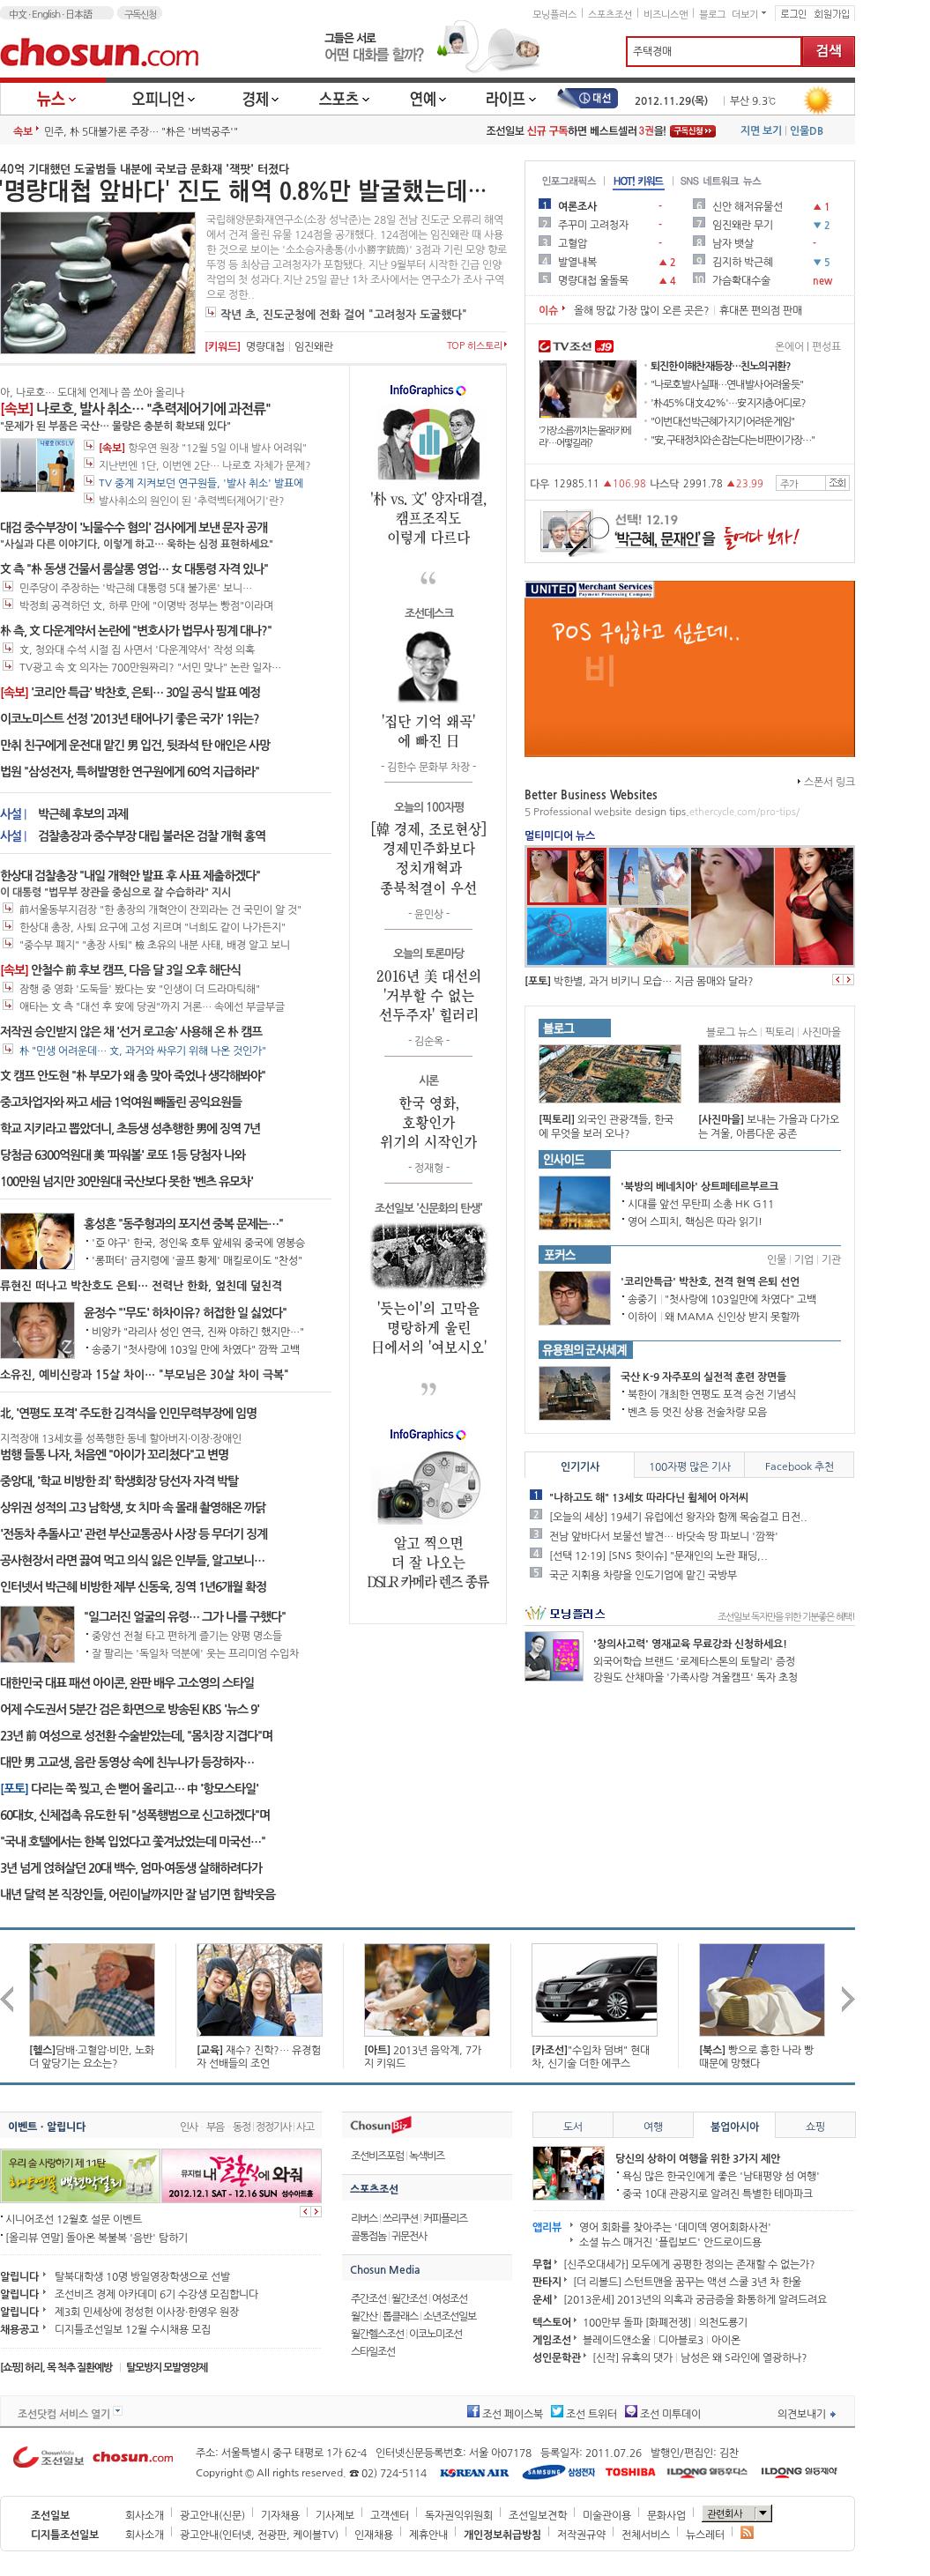 chosun.com at Thursday Nov. 29, 2012, 9:06 a.m. UTC